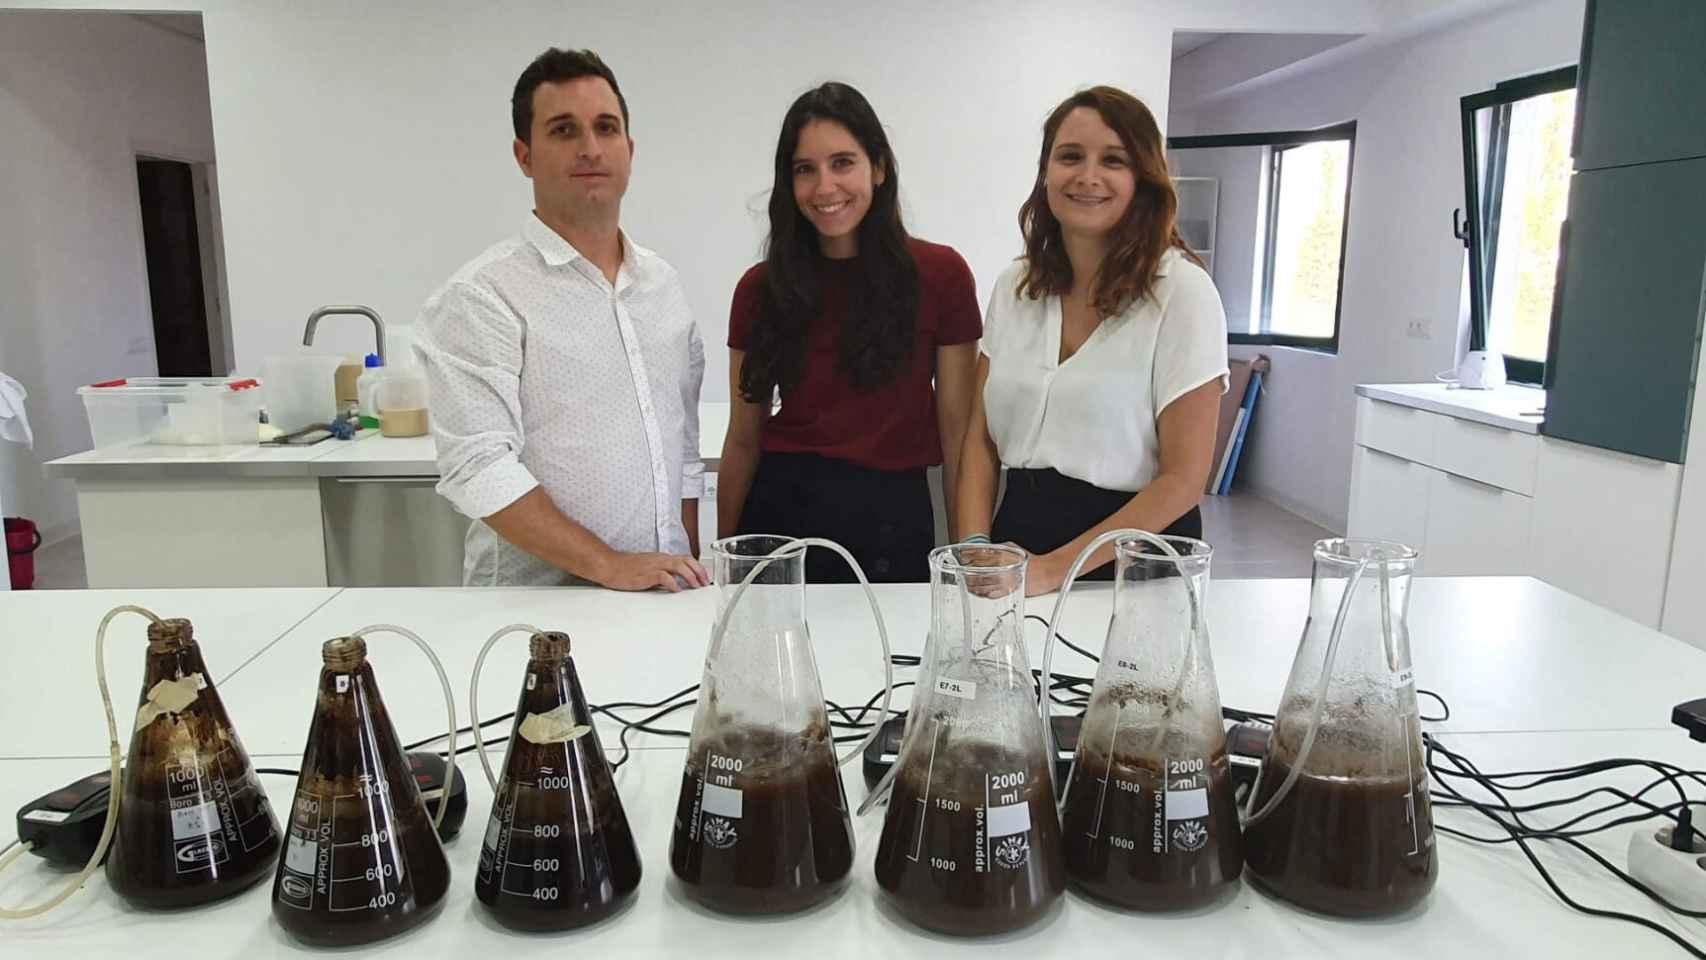 Jordi Margarit, Patrícia Aymà y Noelia Márquez, en la planta de cafe de Nestlè en Girona.